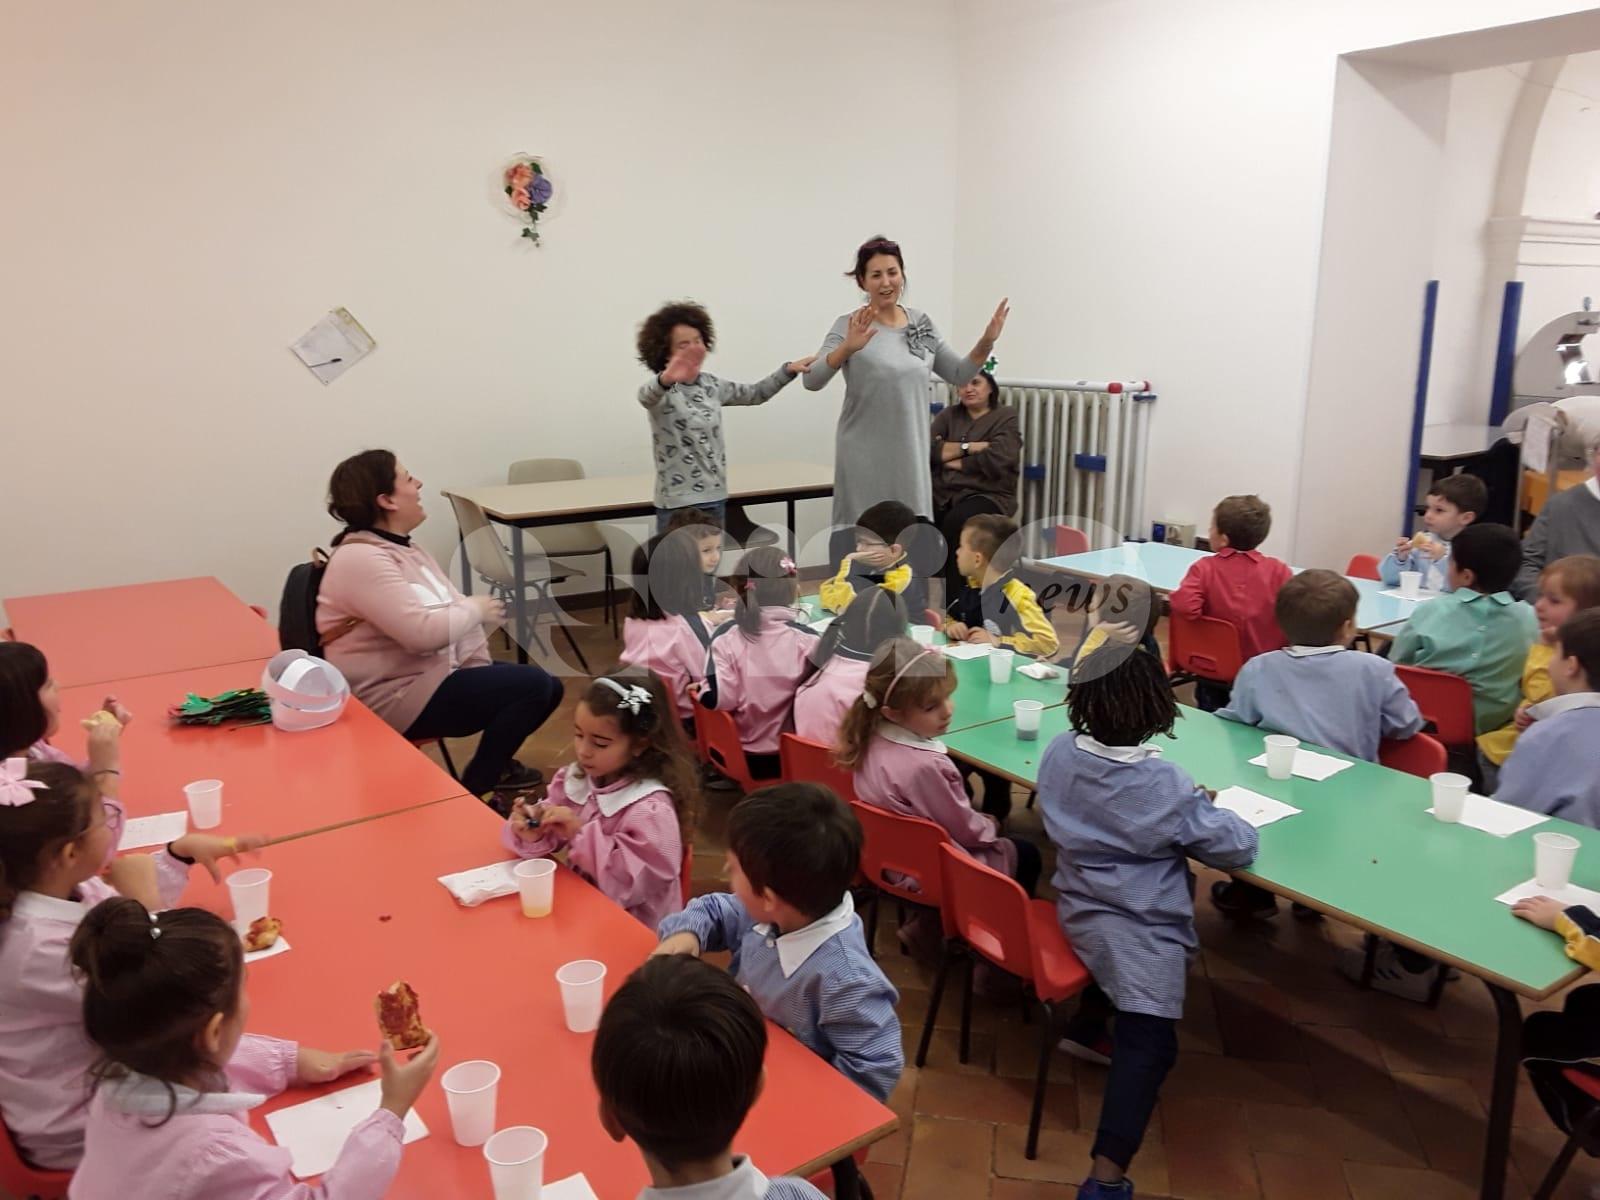 Continuità educativa: le scuole dell'infanzia di Assisi incontrano la primaria